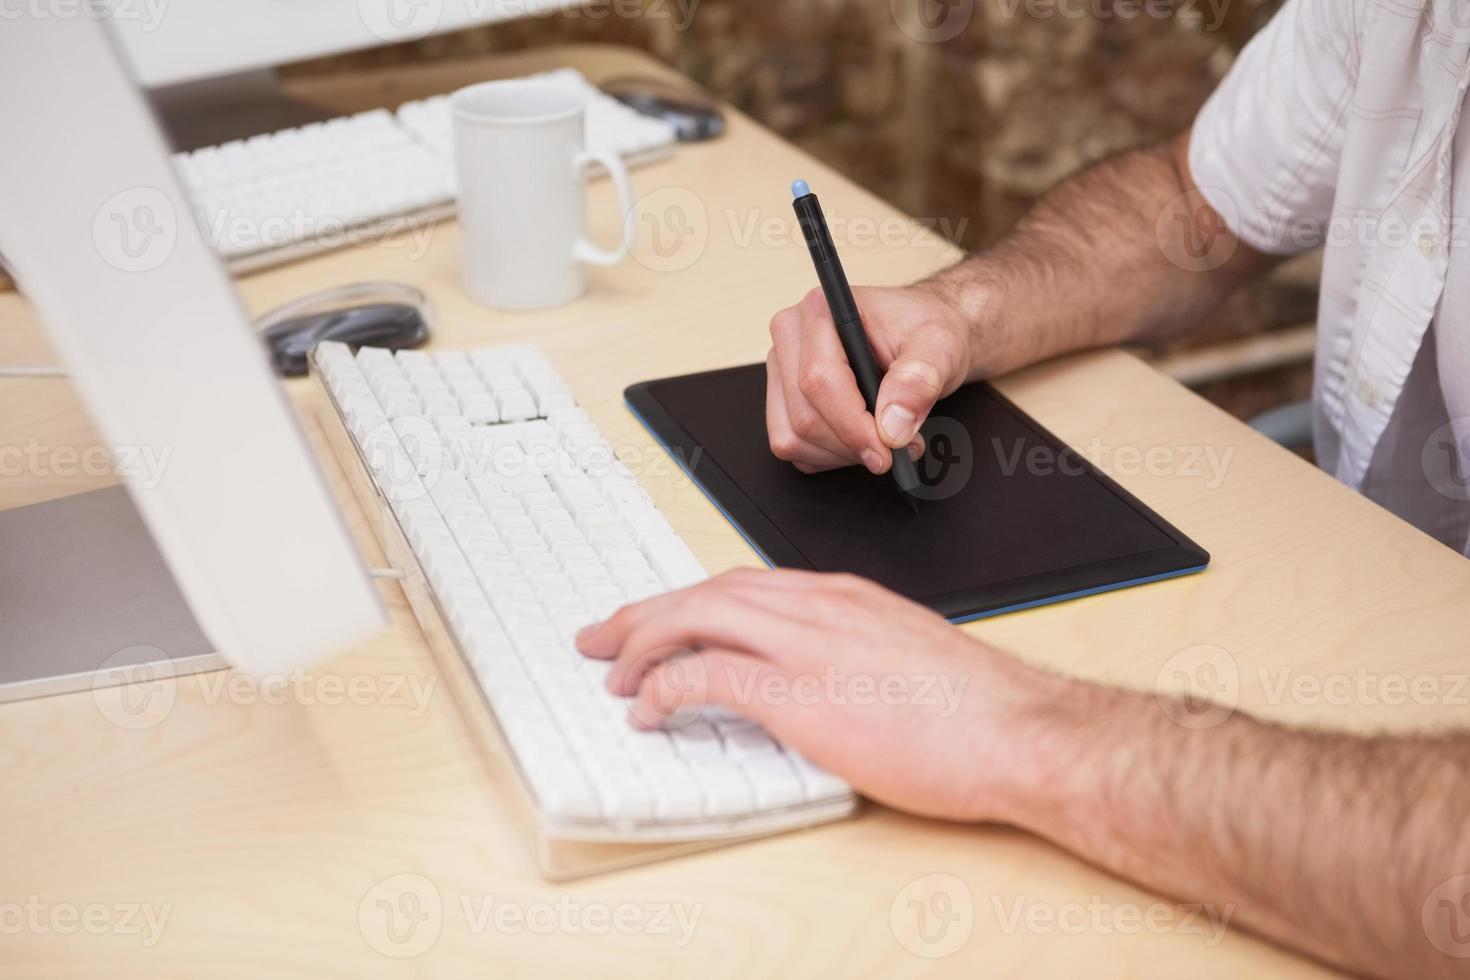 artiste dessin quelque chose sur tablette graphique photo